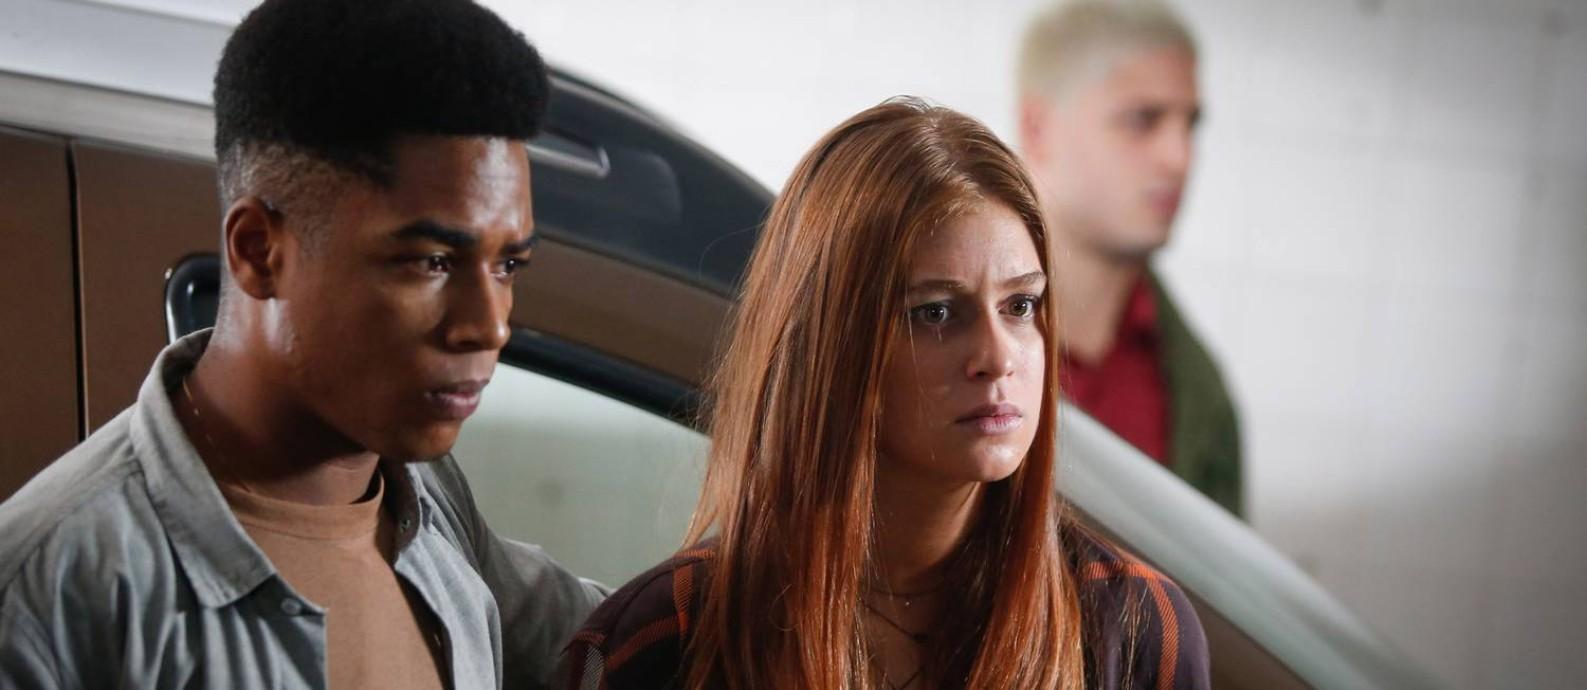 Marina Ruy Barbosa estrela 'Sequestro relâmpago' ao lado de Sidney Santiago Foto: Marcos Alves / Agência O Globo